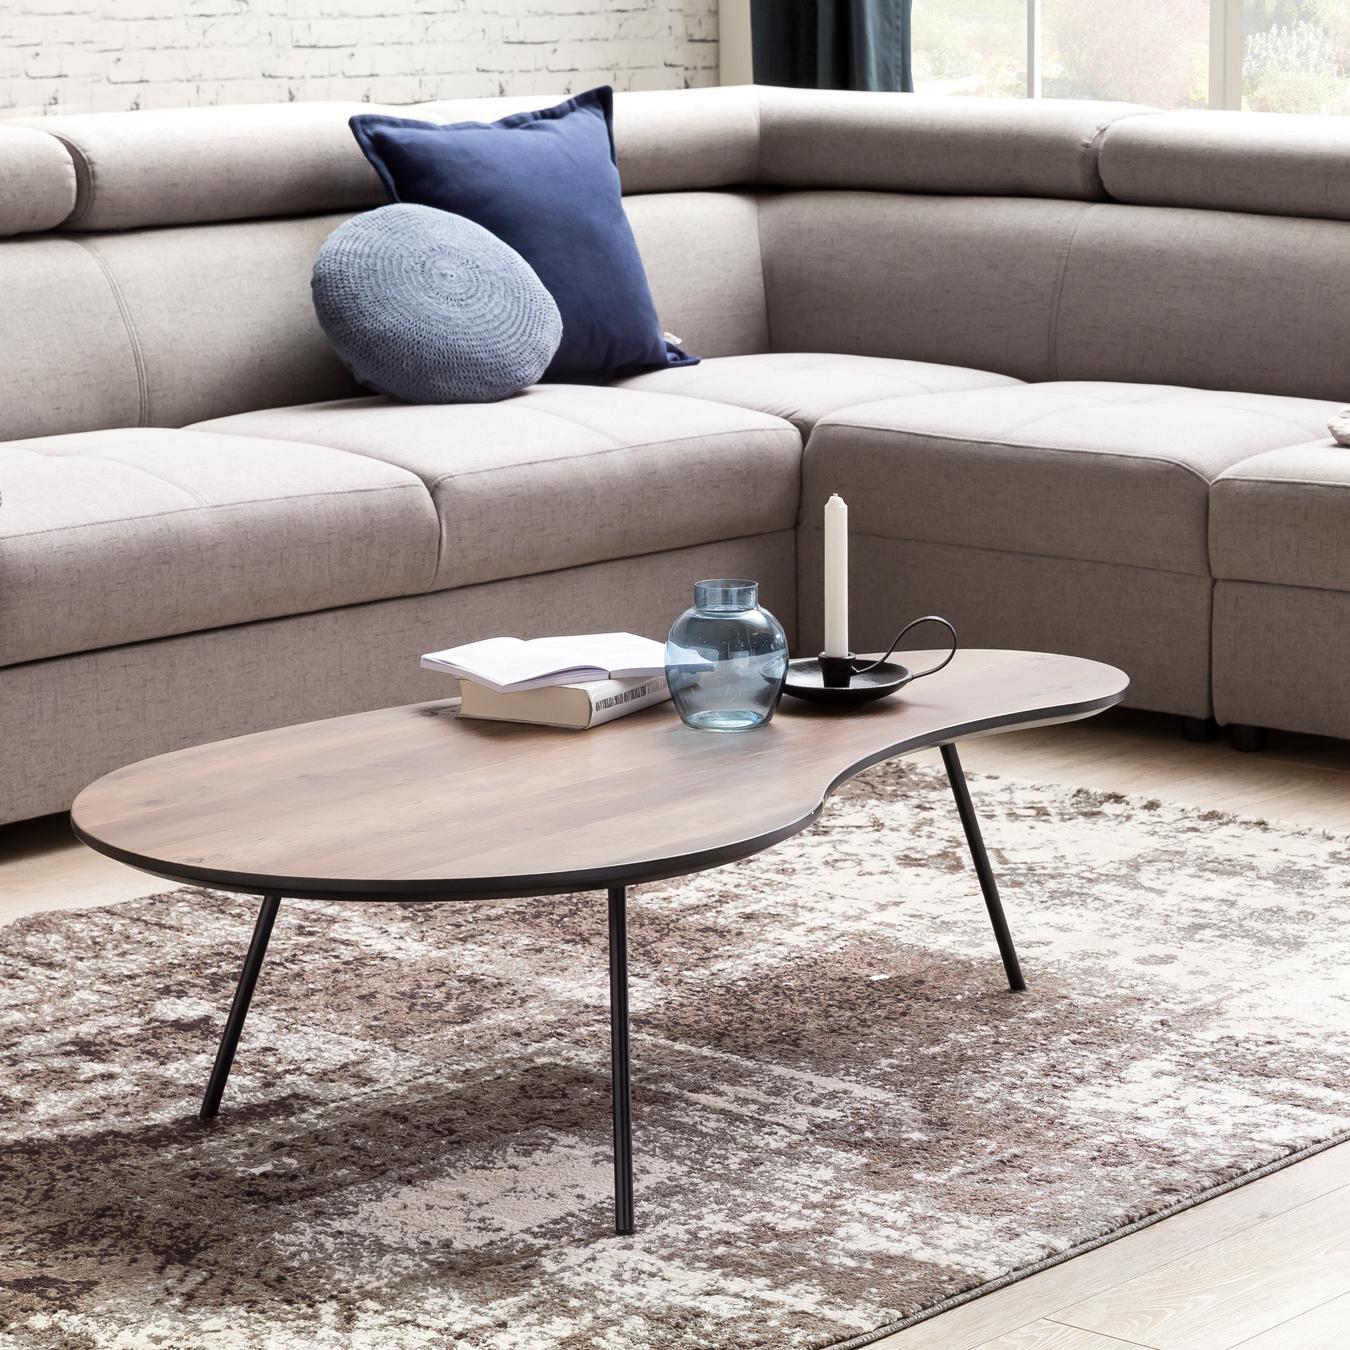 couchtisch mdf holz wohnzimmertisch metall kaffeetisch. Black Bedroom Furniture Sets. Home Design Ideas